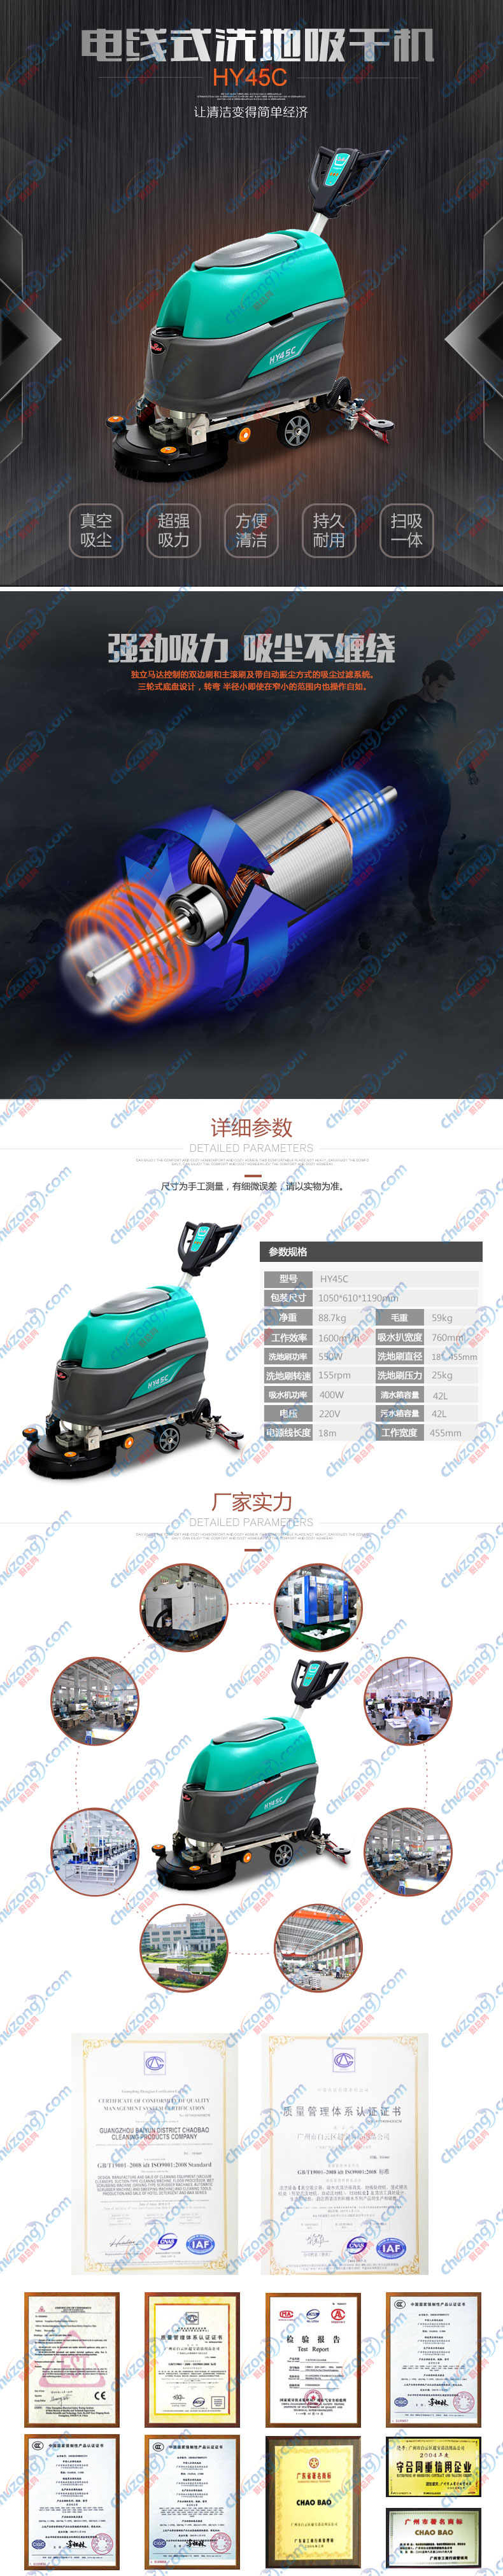 超宝电线式洗地机HY45C图片